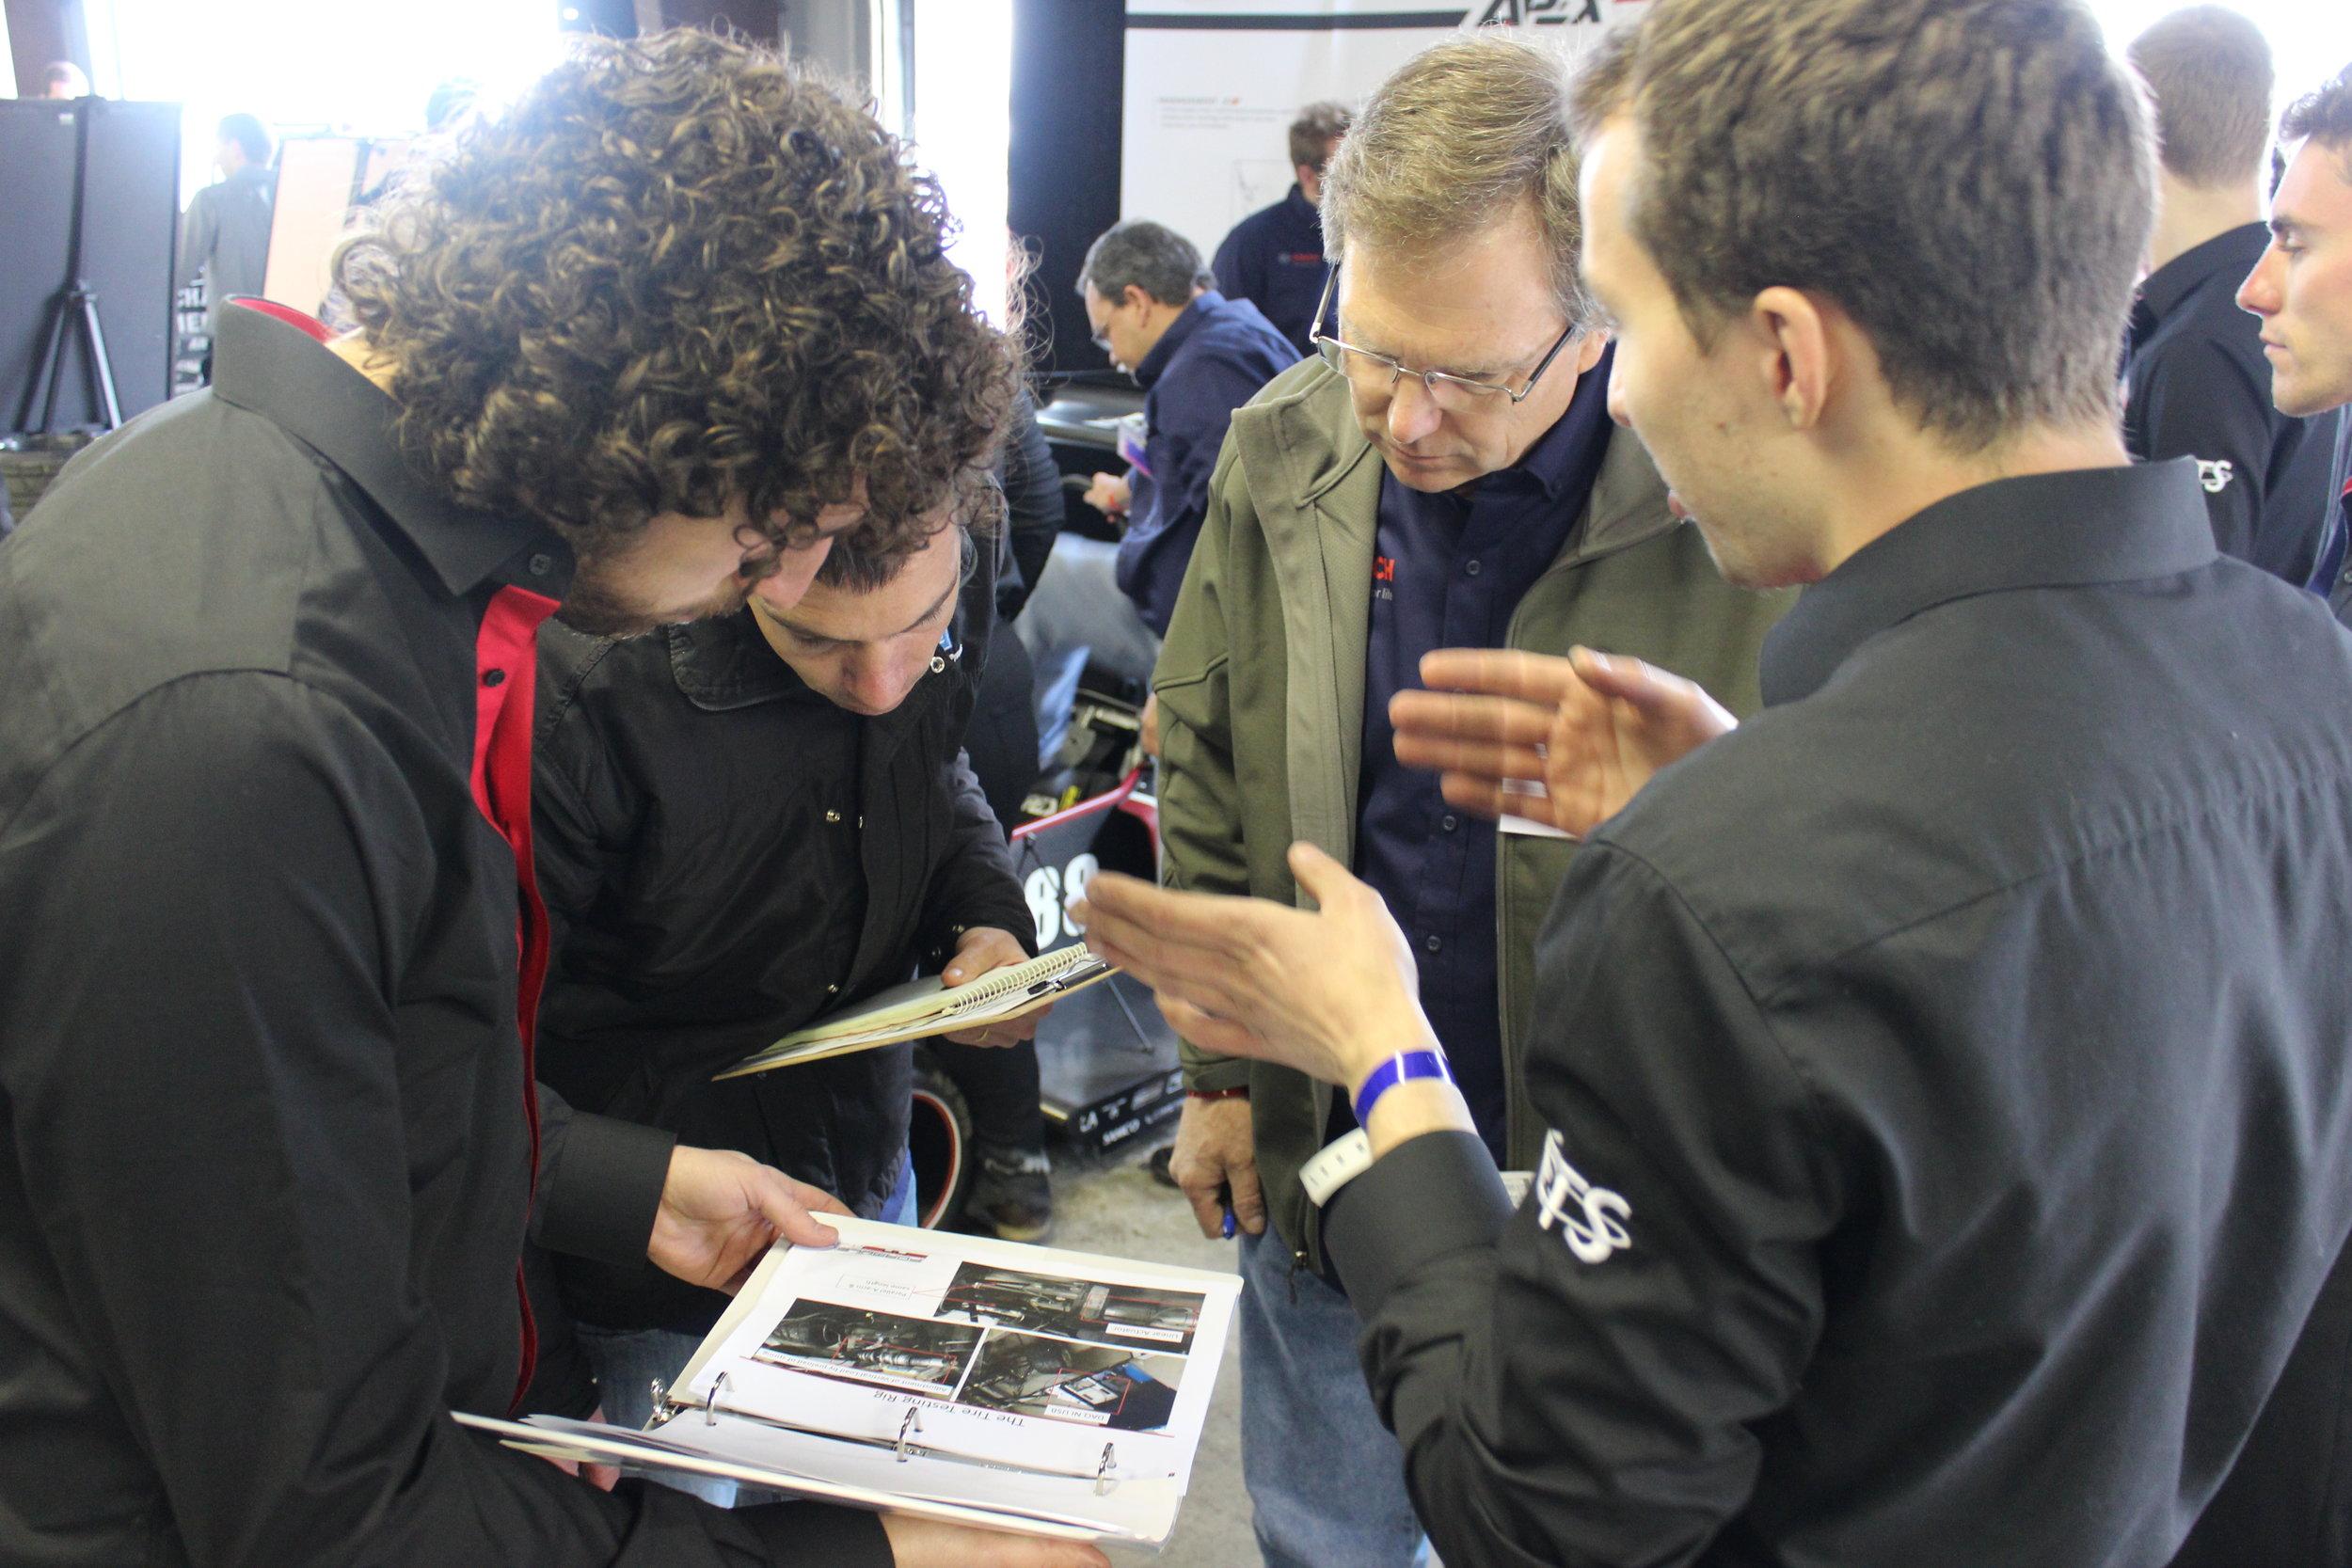 Grâce à Quentin et Léandre, on impressionne les juges avec la dynamique de notre véhicule lors de l'épreuve d'ingénierie.  --  Judges are impressed by the vehicle's dynamics explained by Quentin and Leandre during the engineering design event.